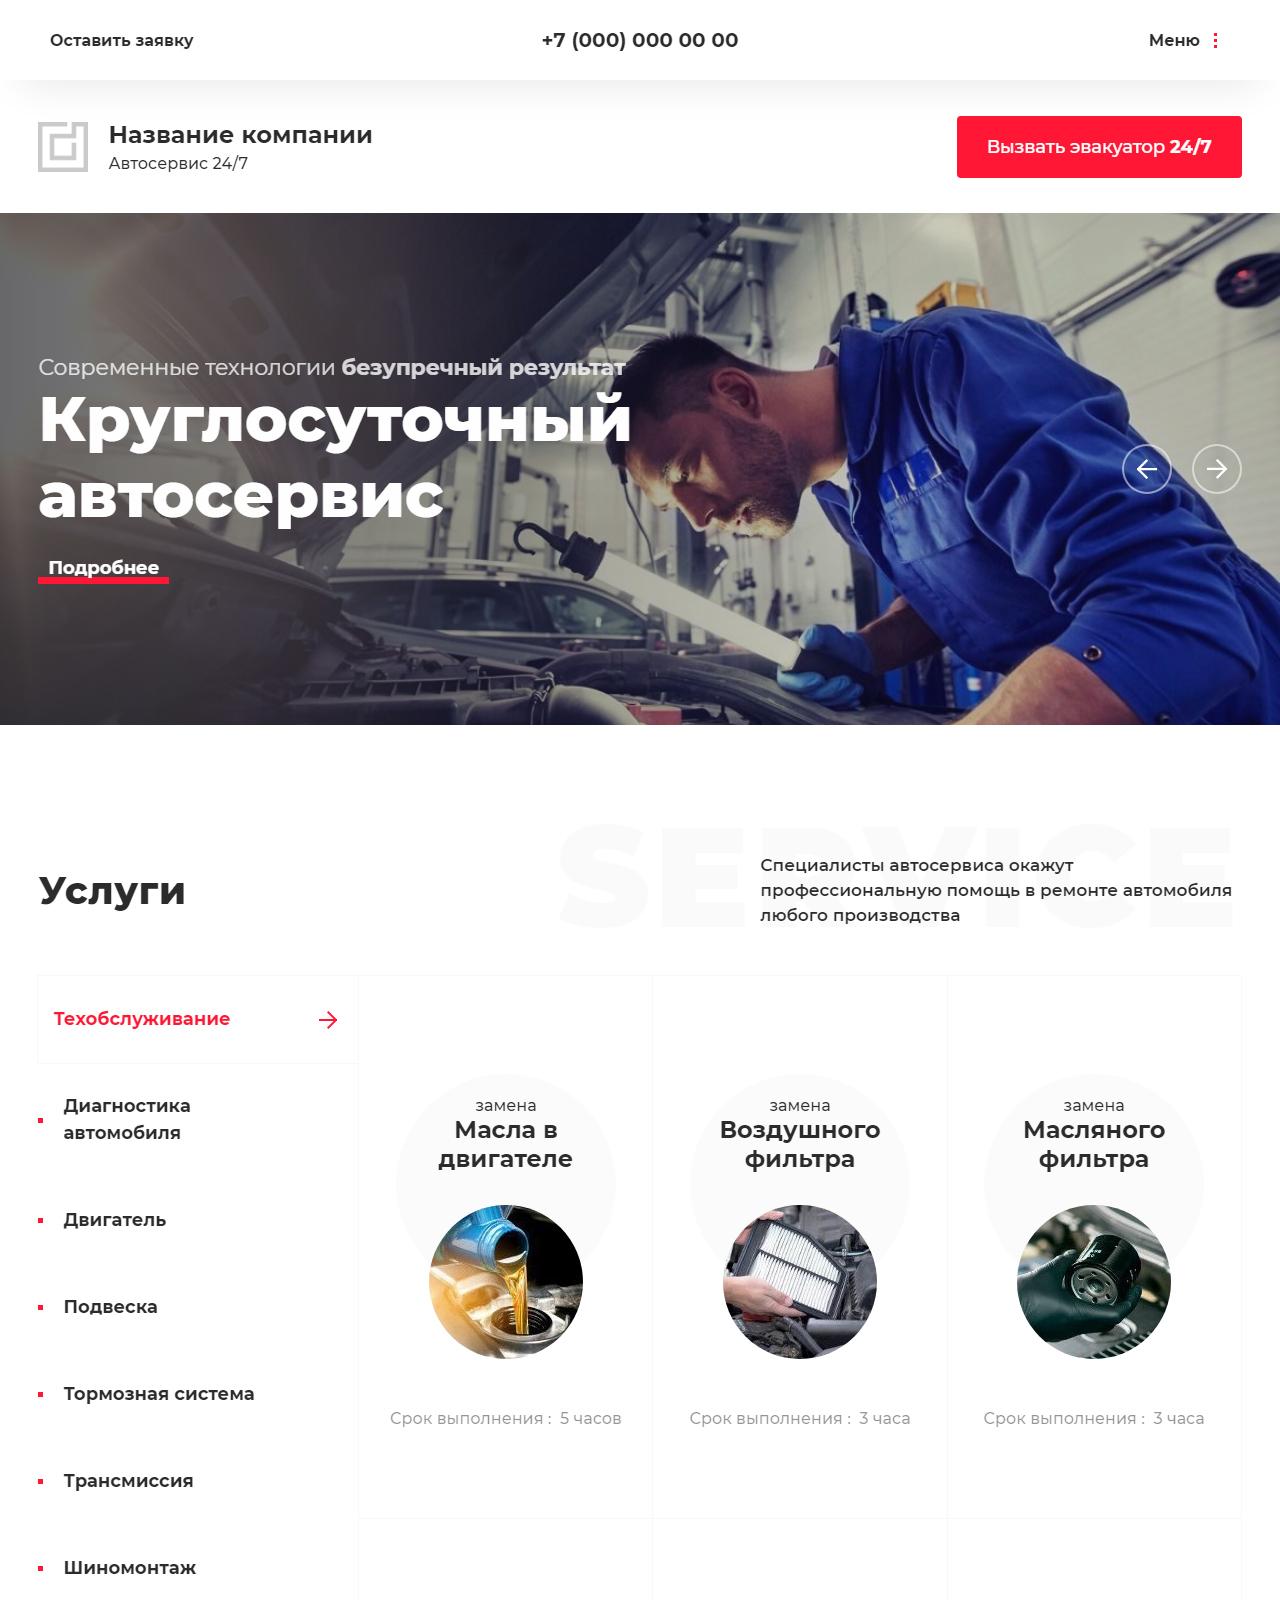 Готовый Сайт-Бизнес #2899420 - Автосервисы, ремонт транспортных средств (Десктопная версия)